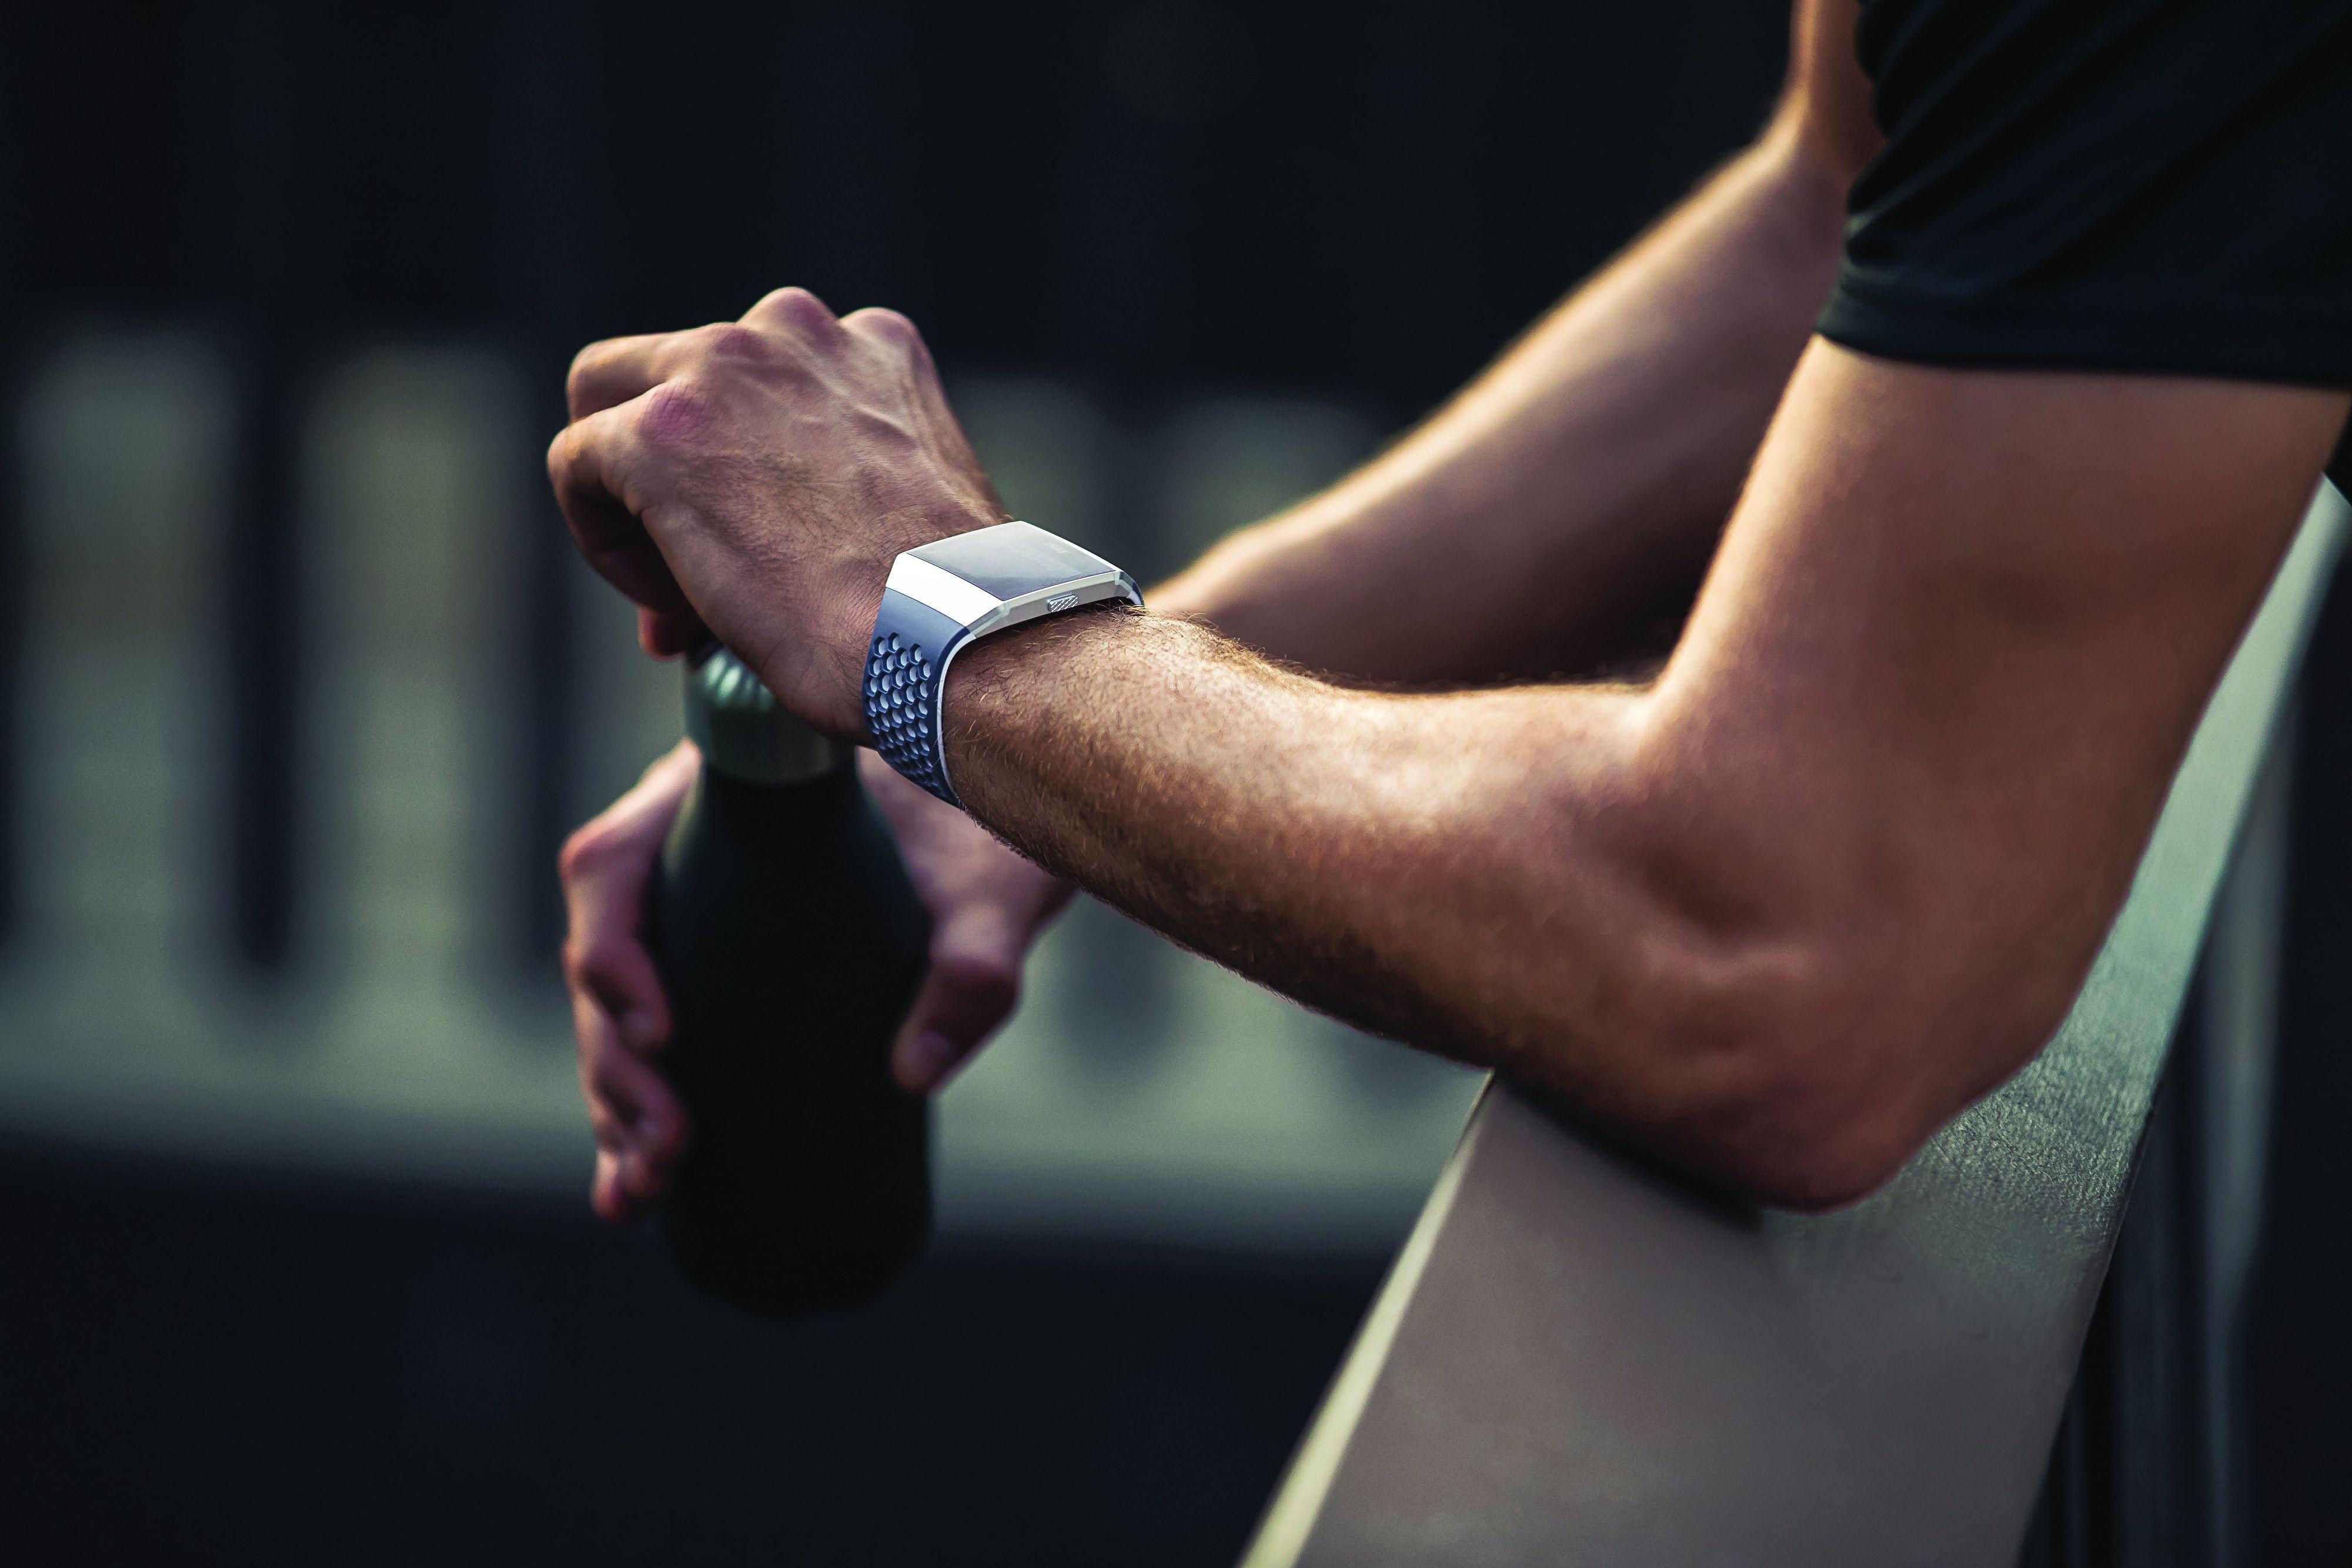 Du trenger ikke å trene for å bruke den nye klokka, men det hjelper.